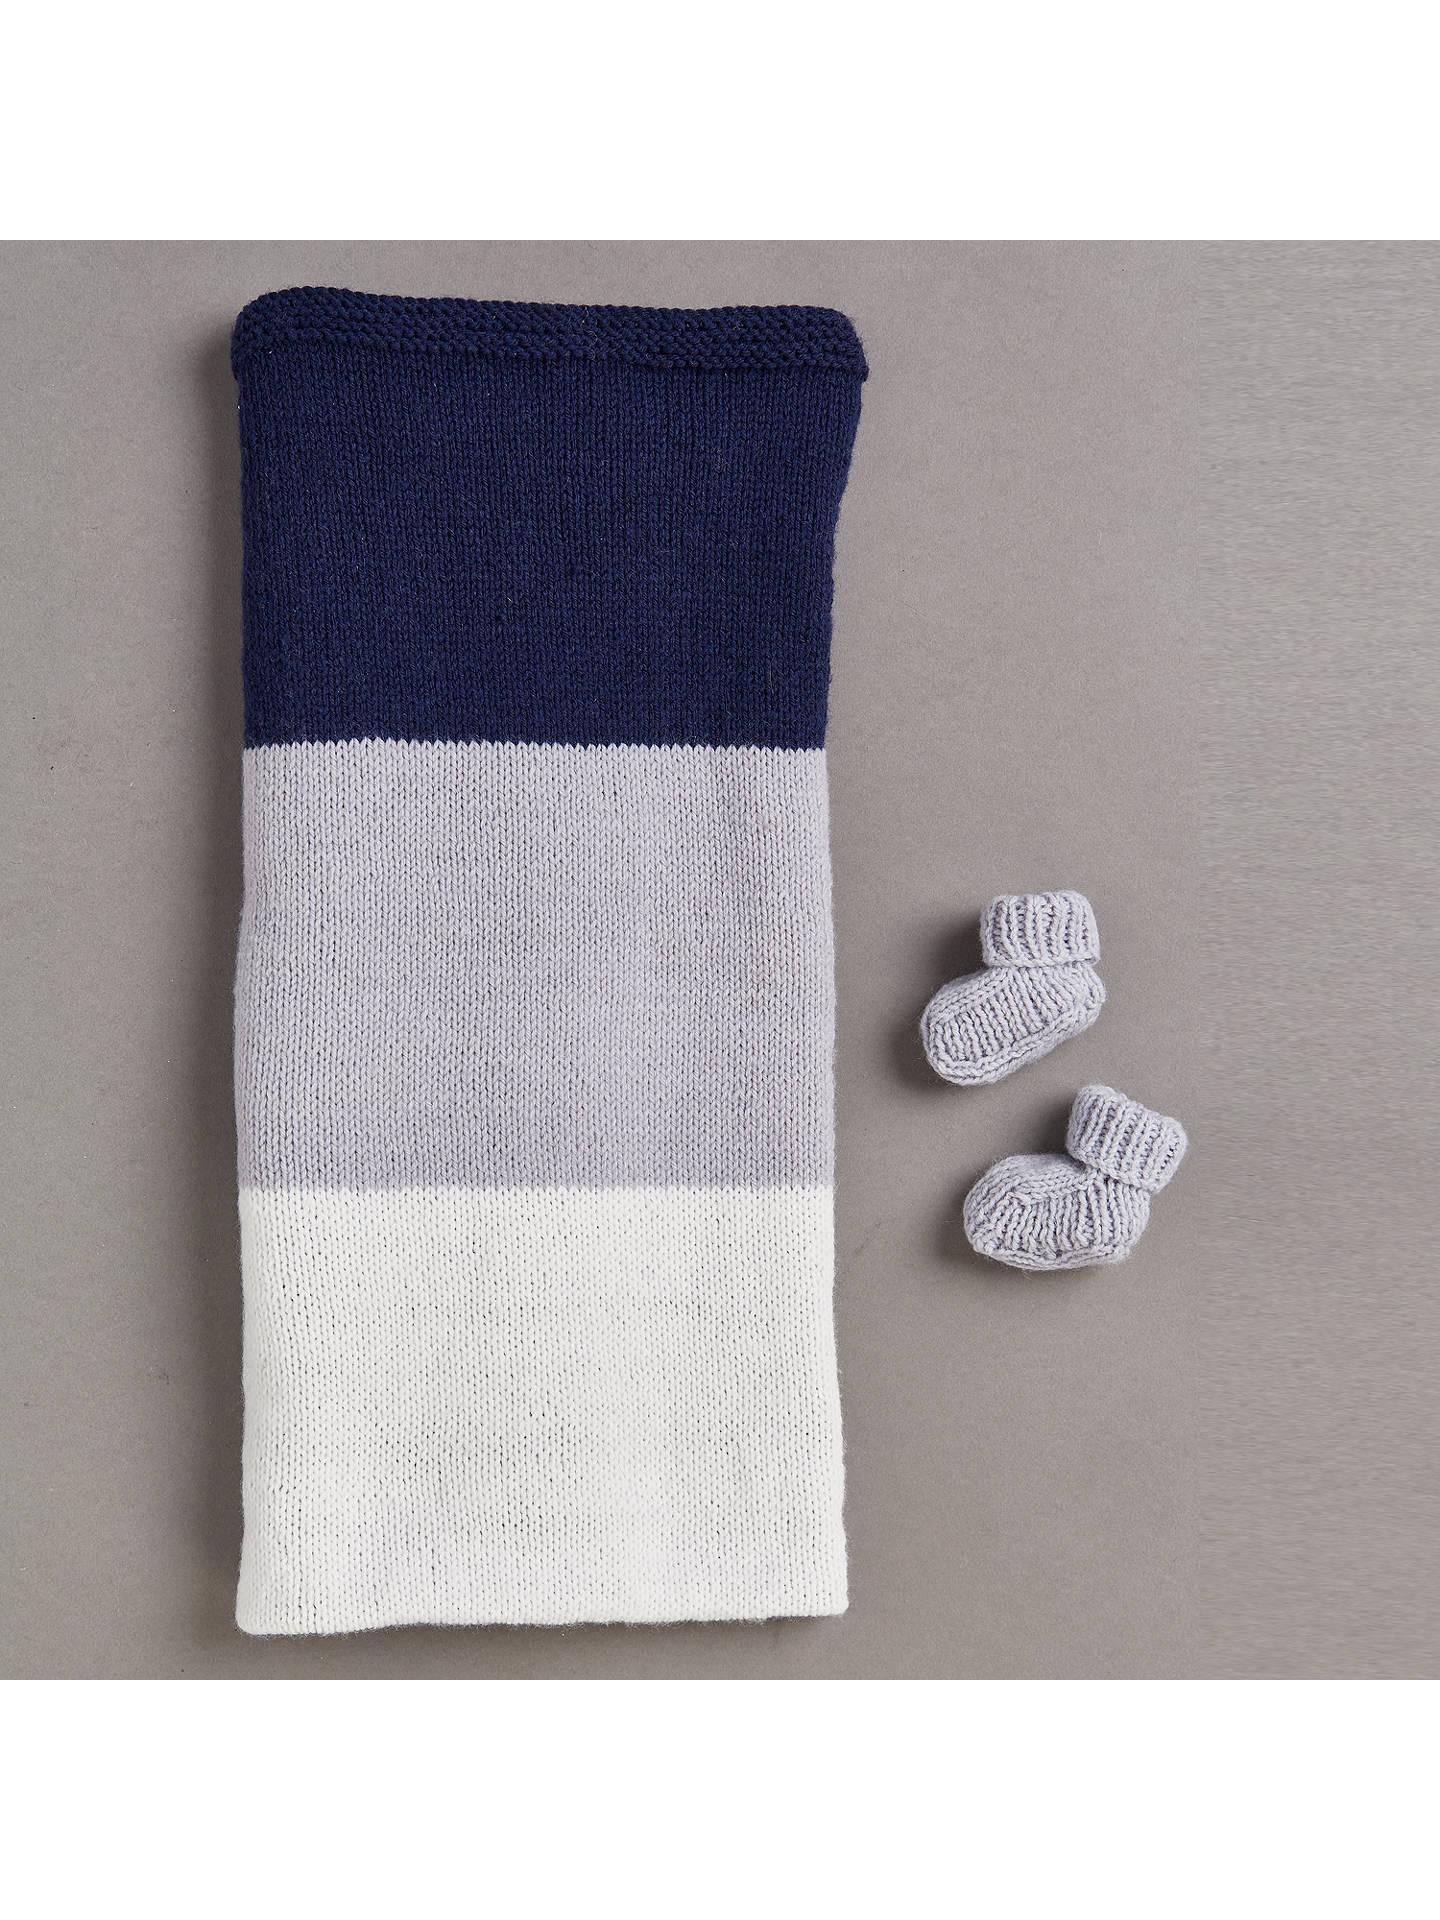 d387625cc ... Buy John Lewis   Partners Baby Knitting Pattern Book Online at  johnlewis. ...